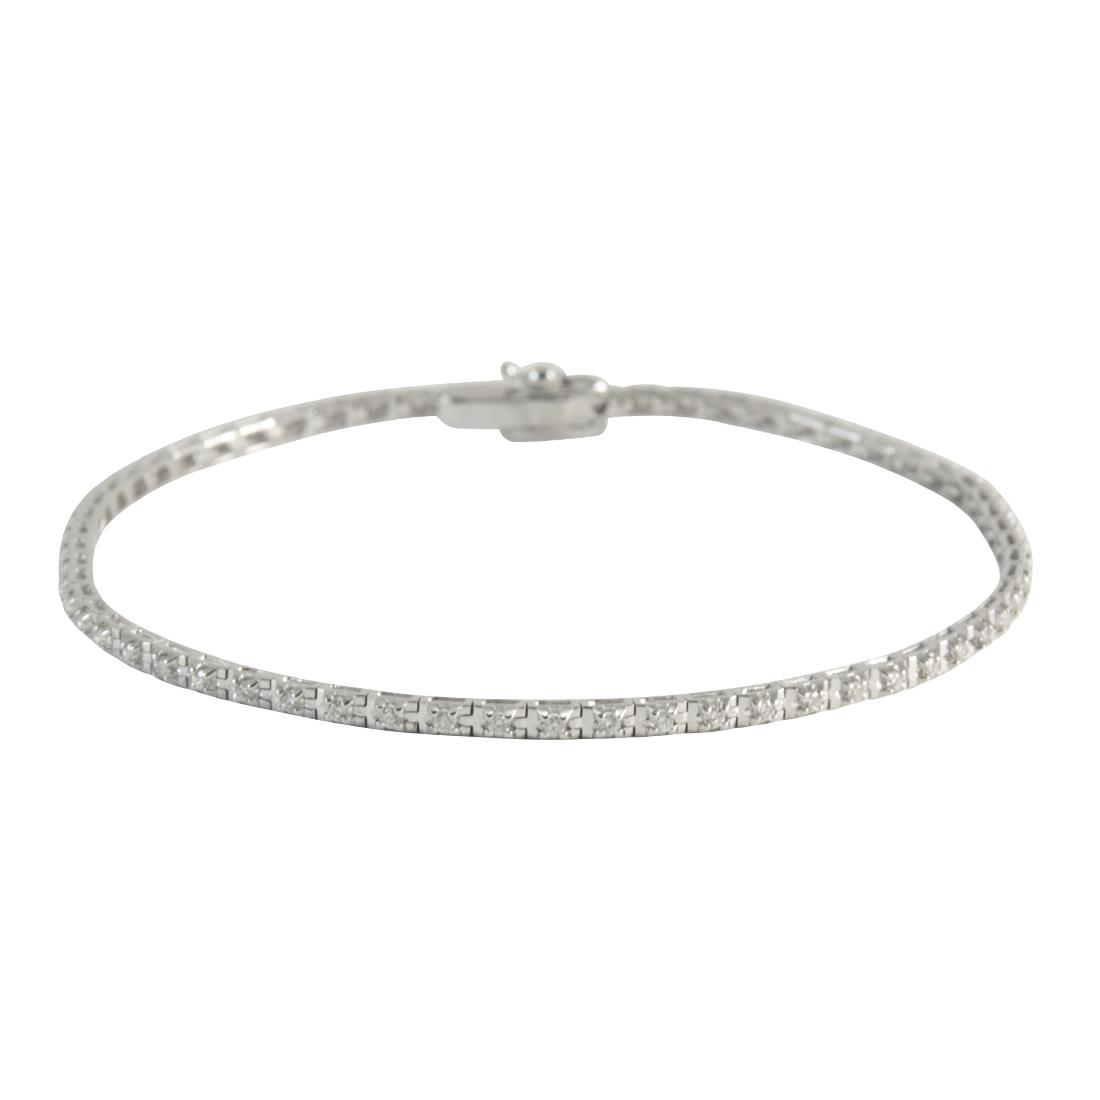 Bracciale  in oro bianco con diamanti ct 0.70 - ALFIERI ST JOHN